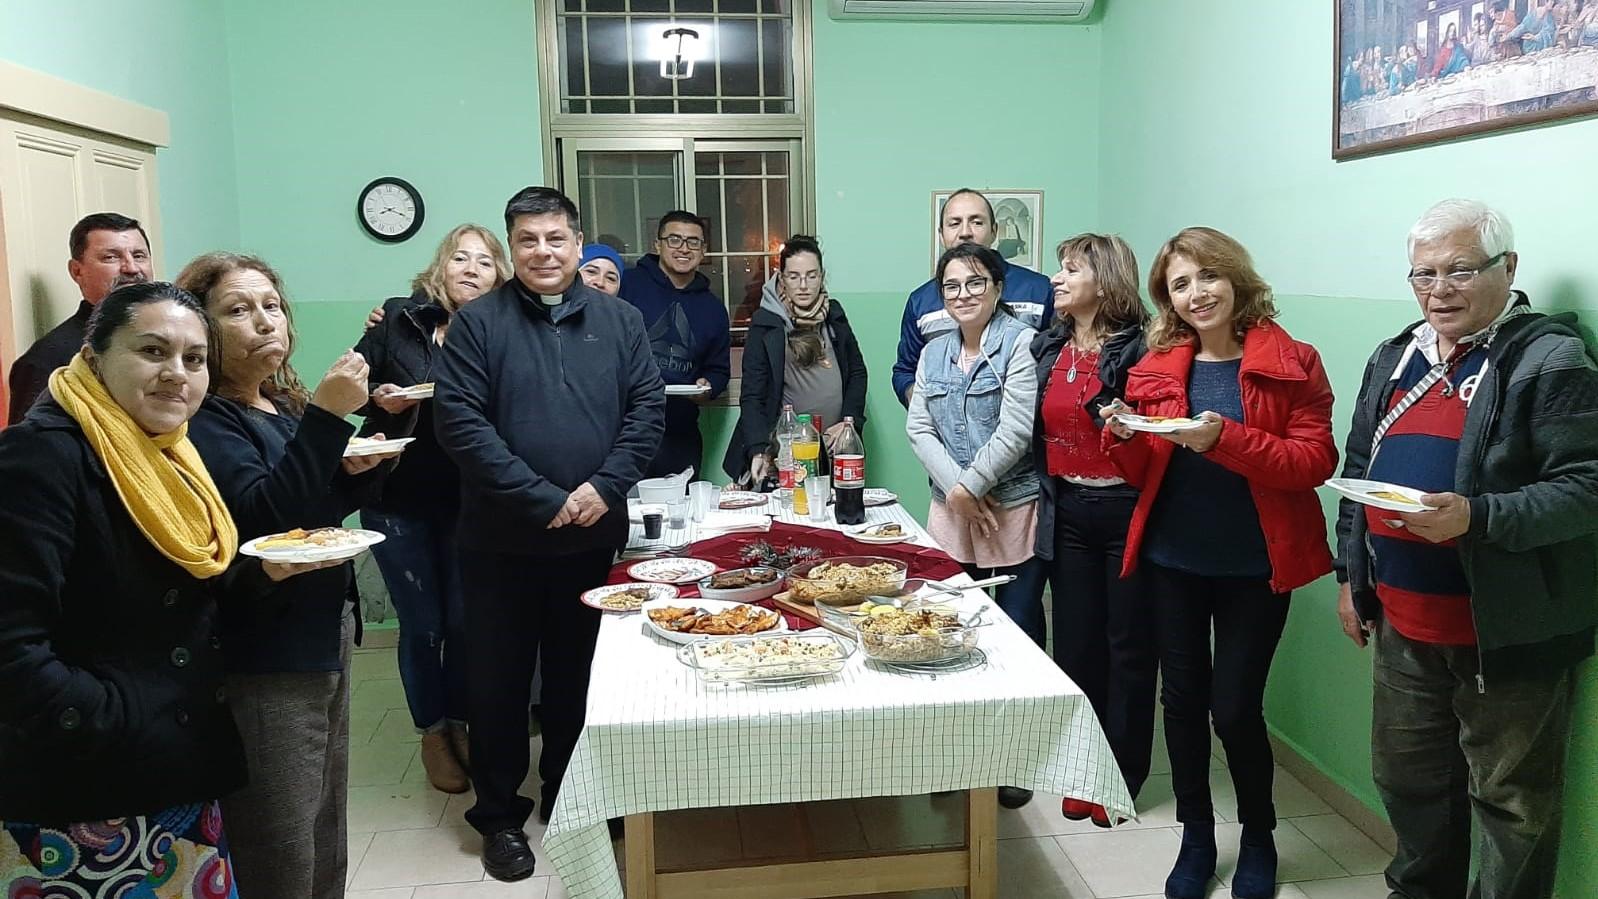 اجتماع الرتبة العلمانية الثالثة في يافا